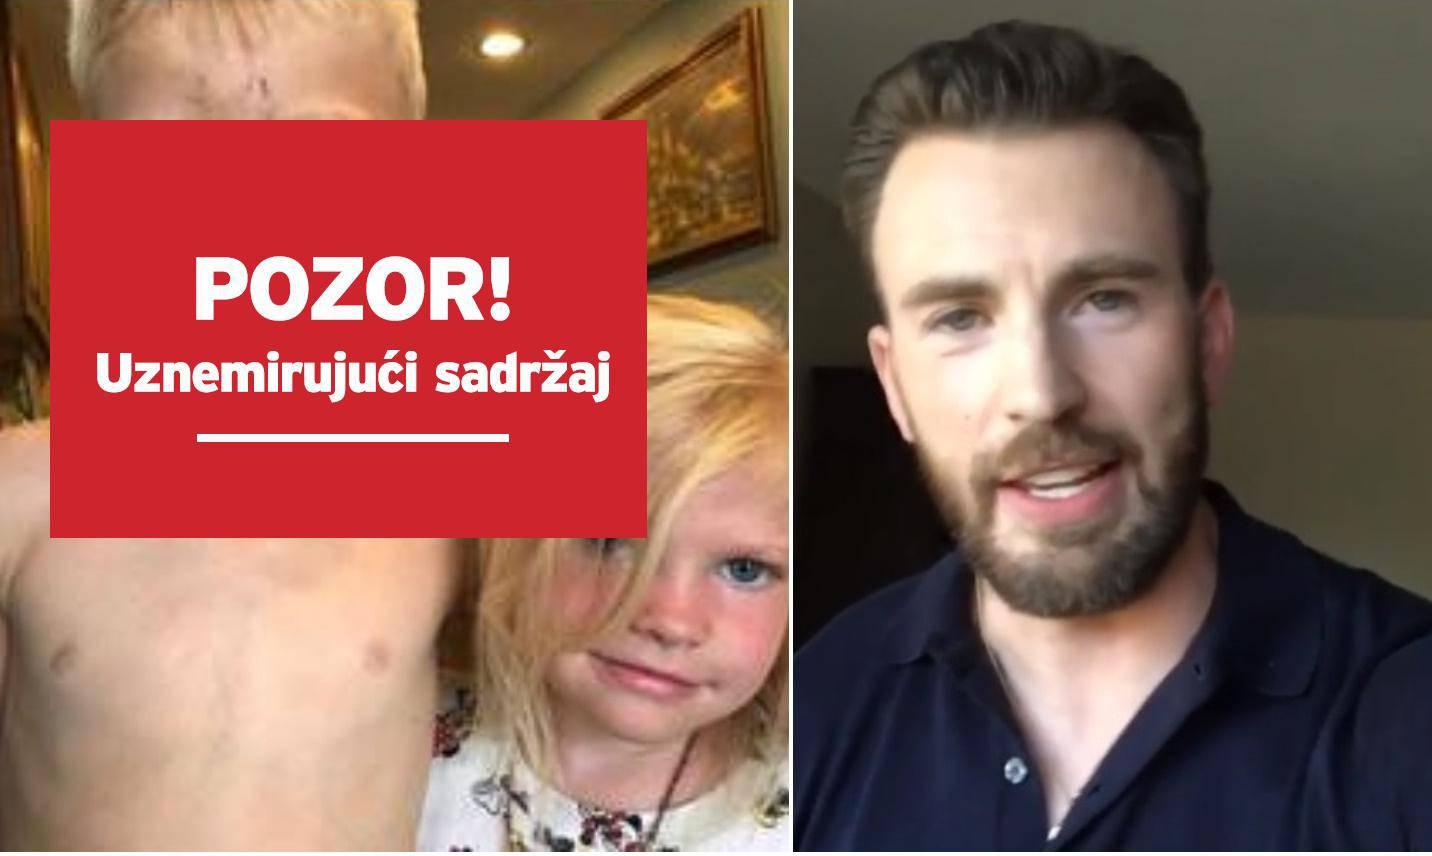 Glumac iznenadio dječaka koji je sestru spasio od psa, njegova snimka rasplakala je mnoge